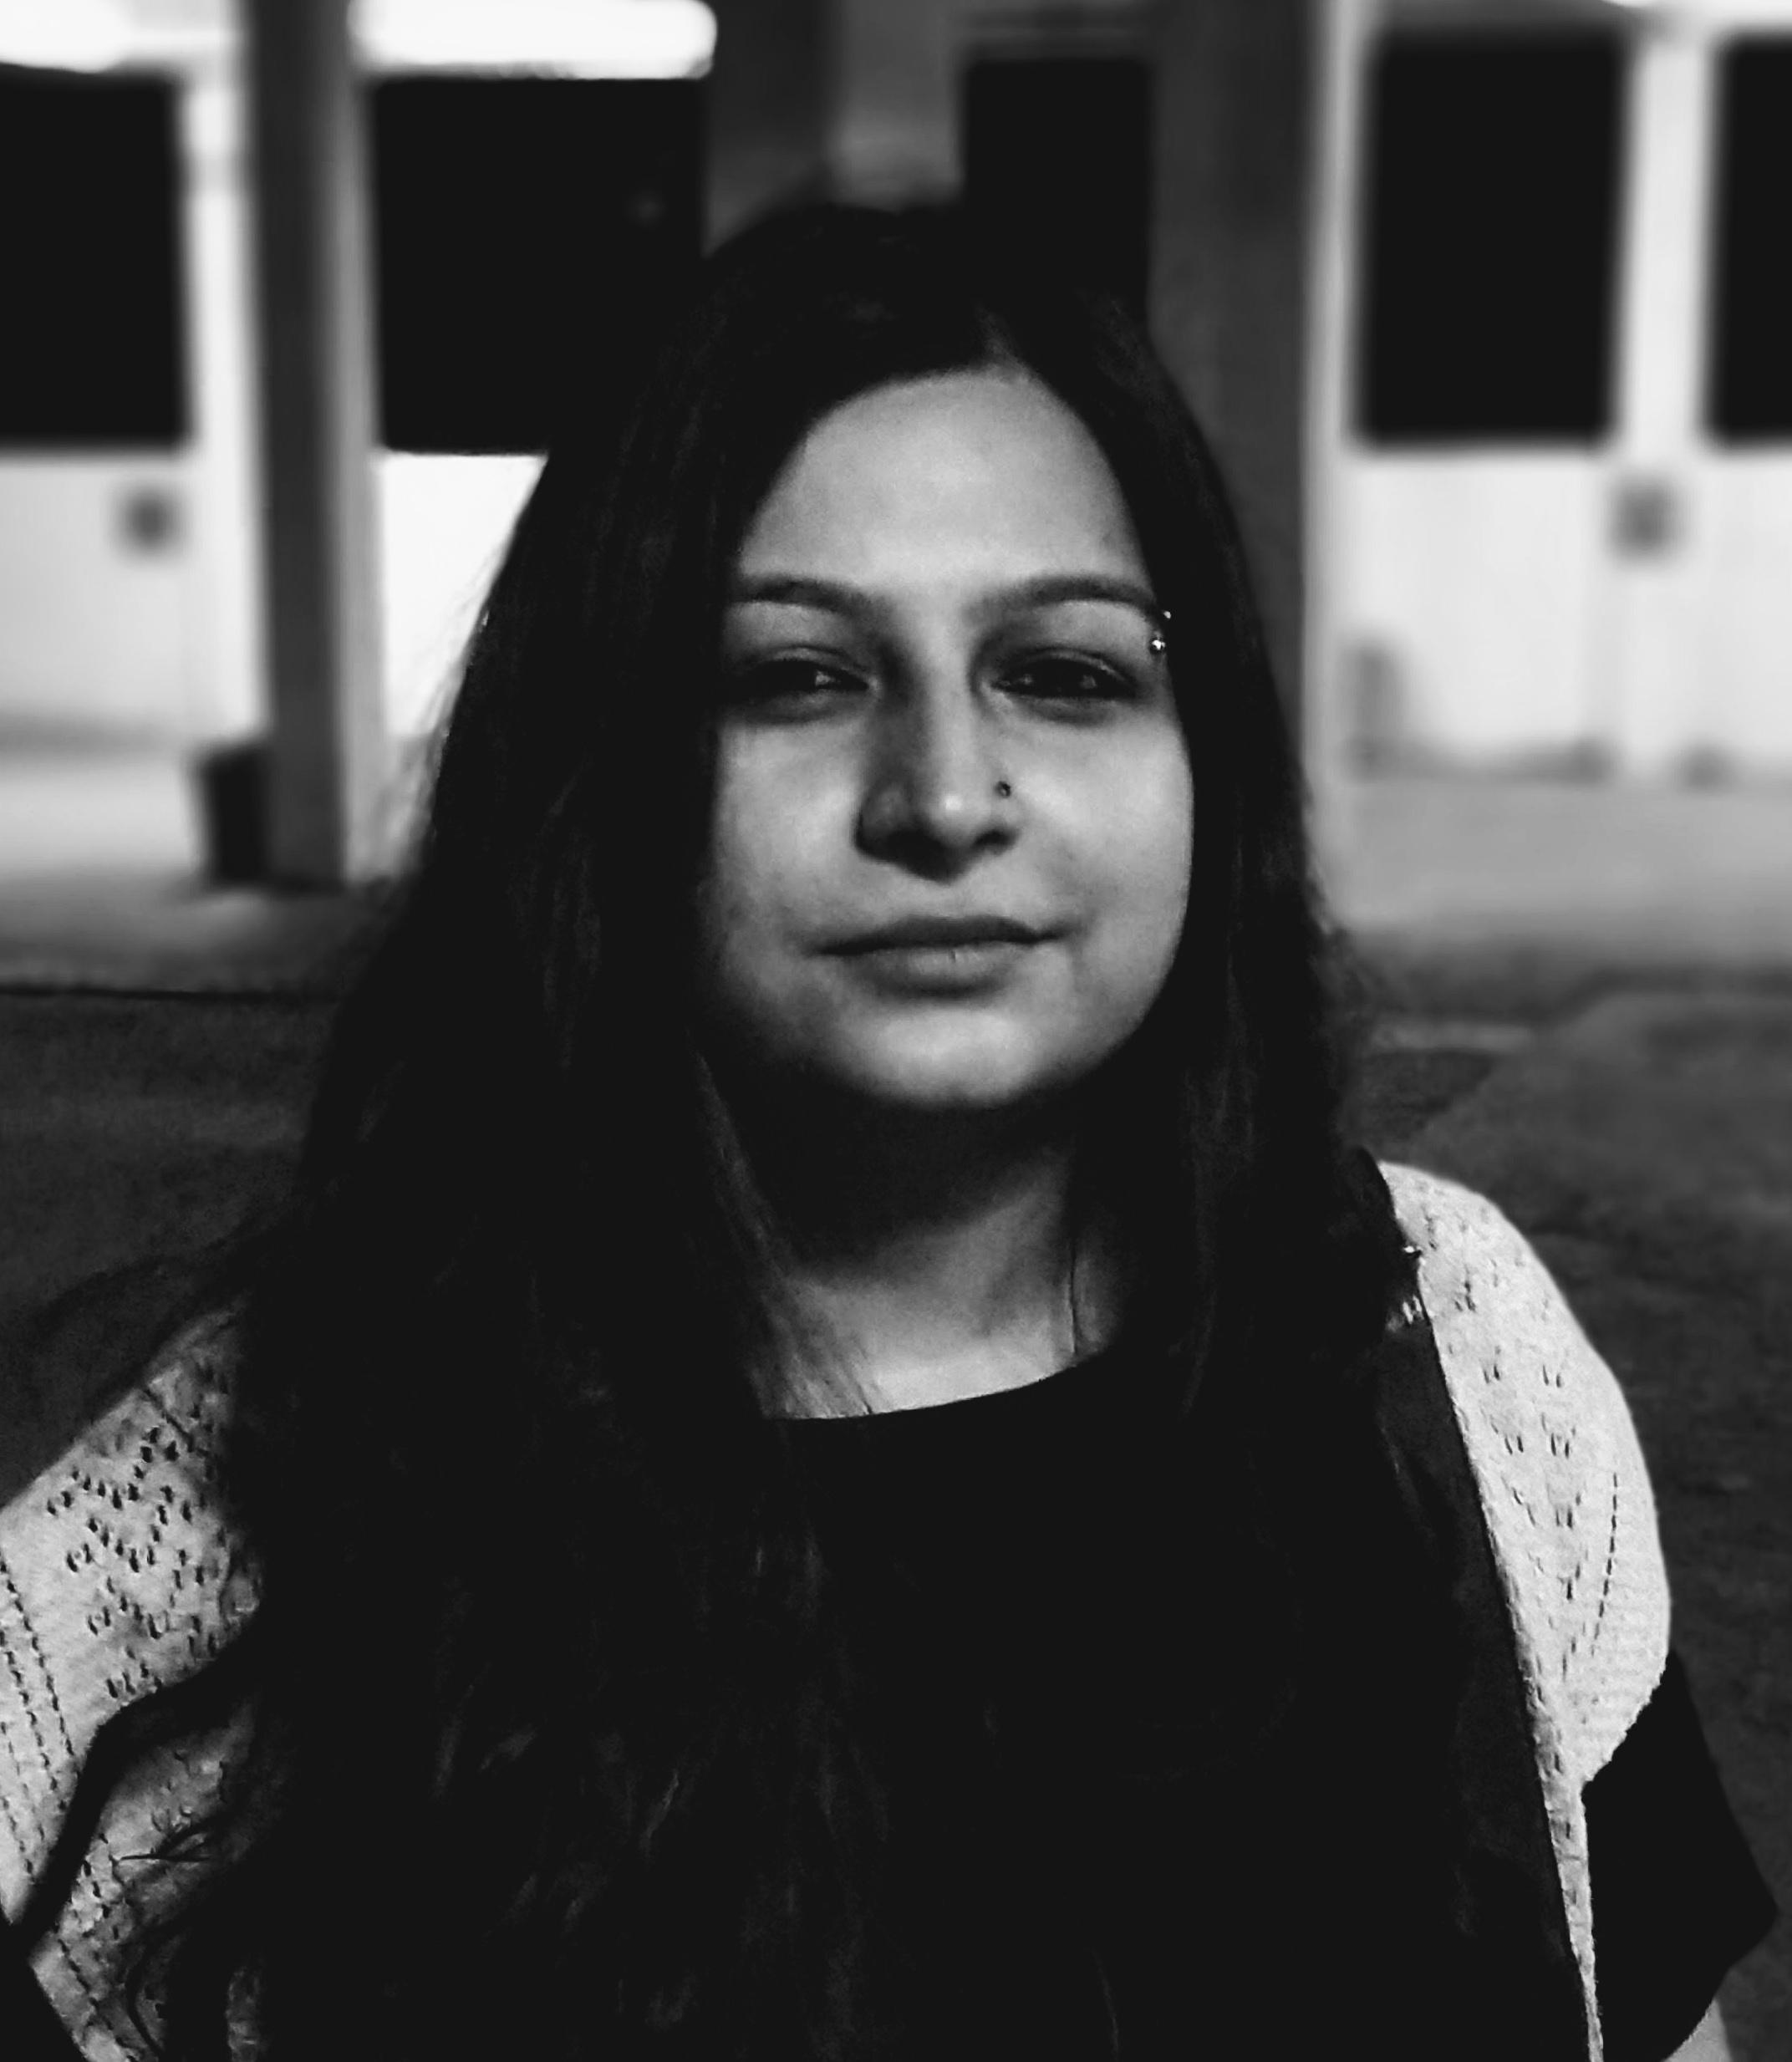 Aleesha Matharu